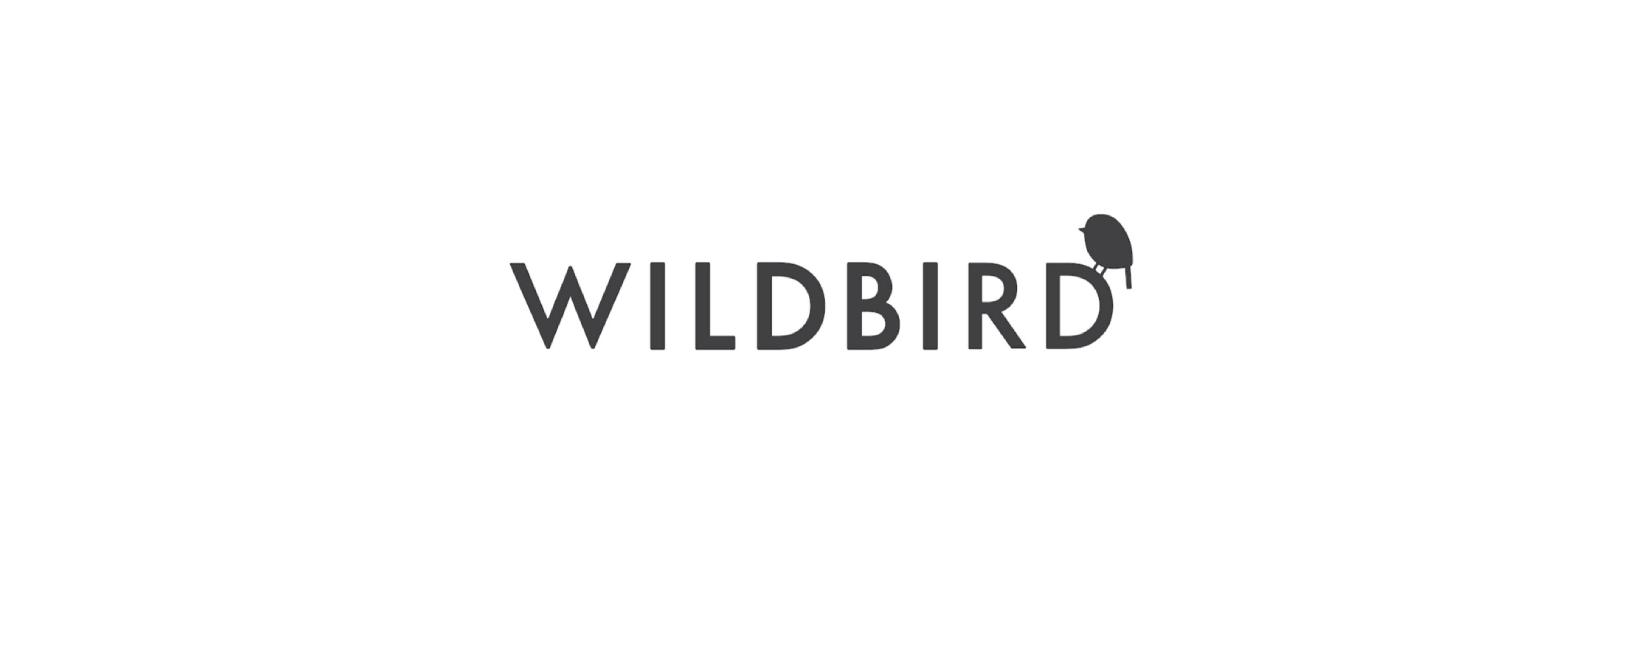 Wildbird Discount Code 2021